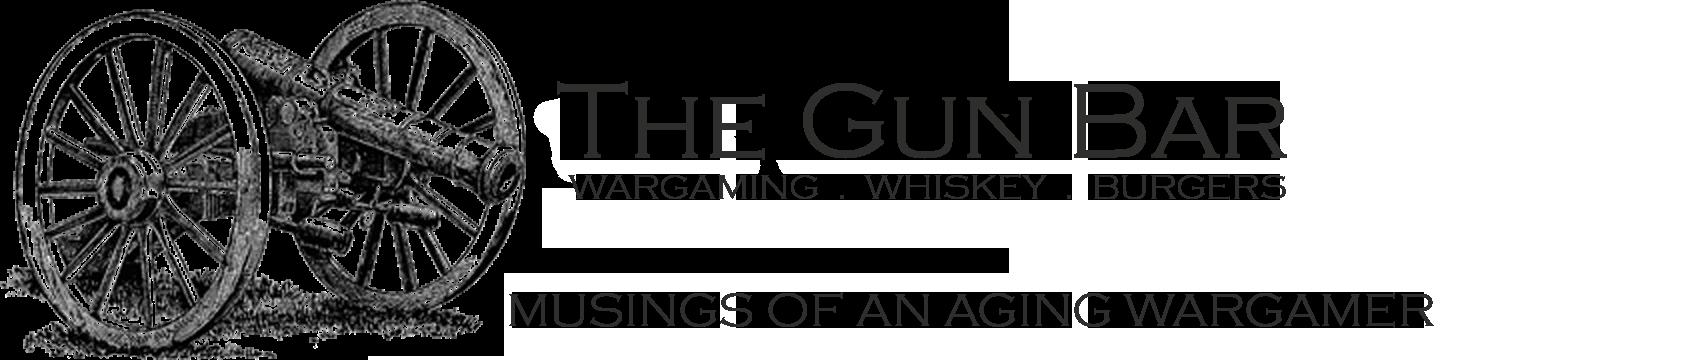 The Gun Bar